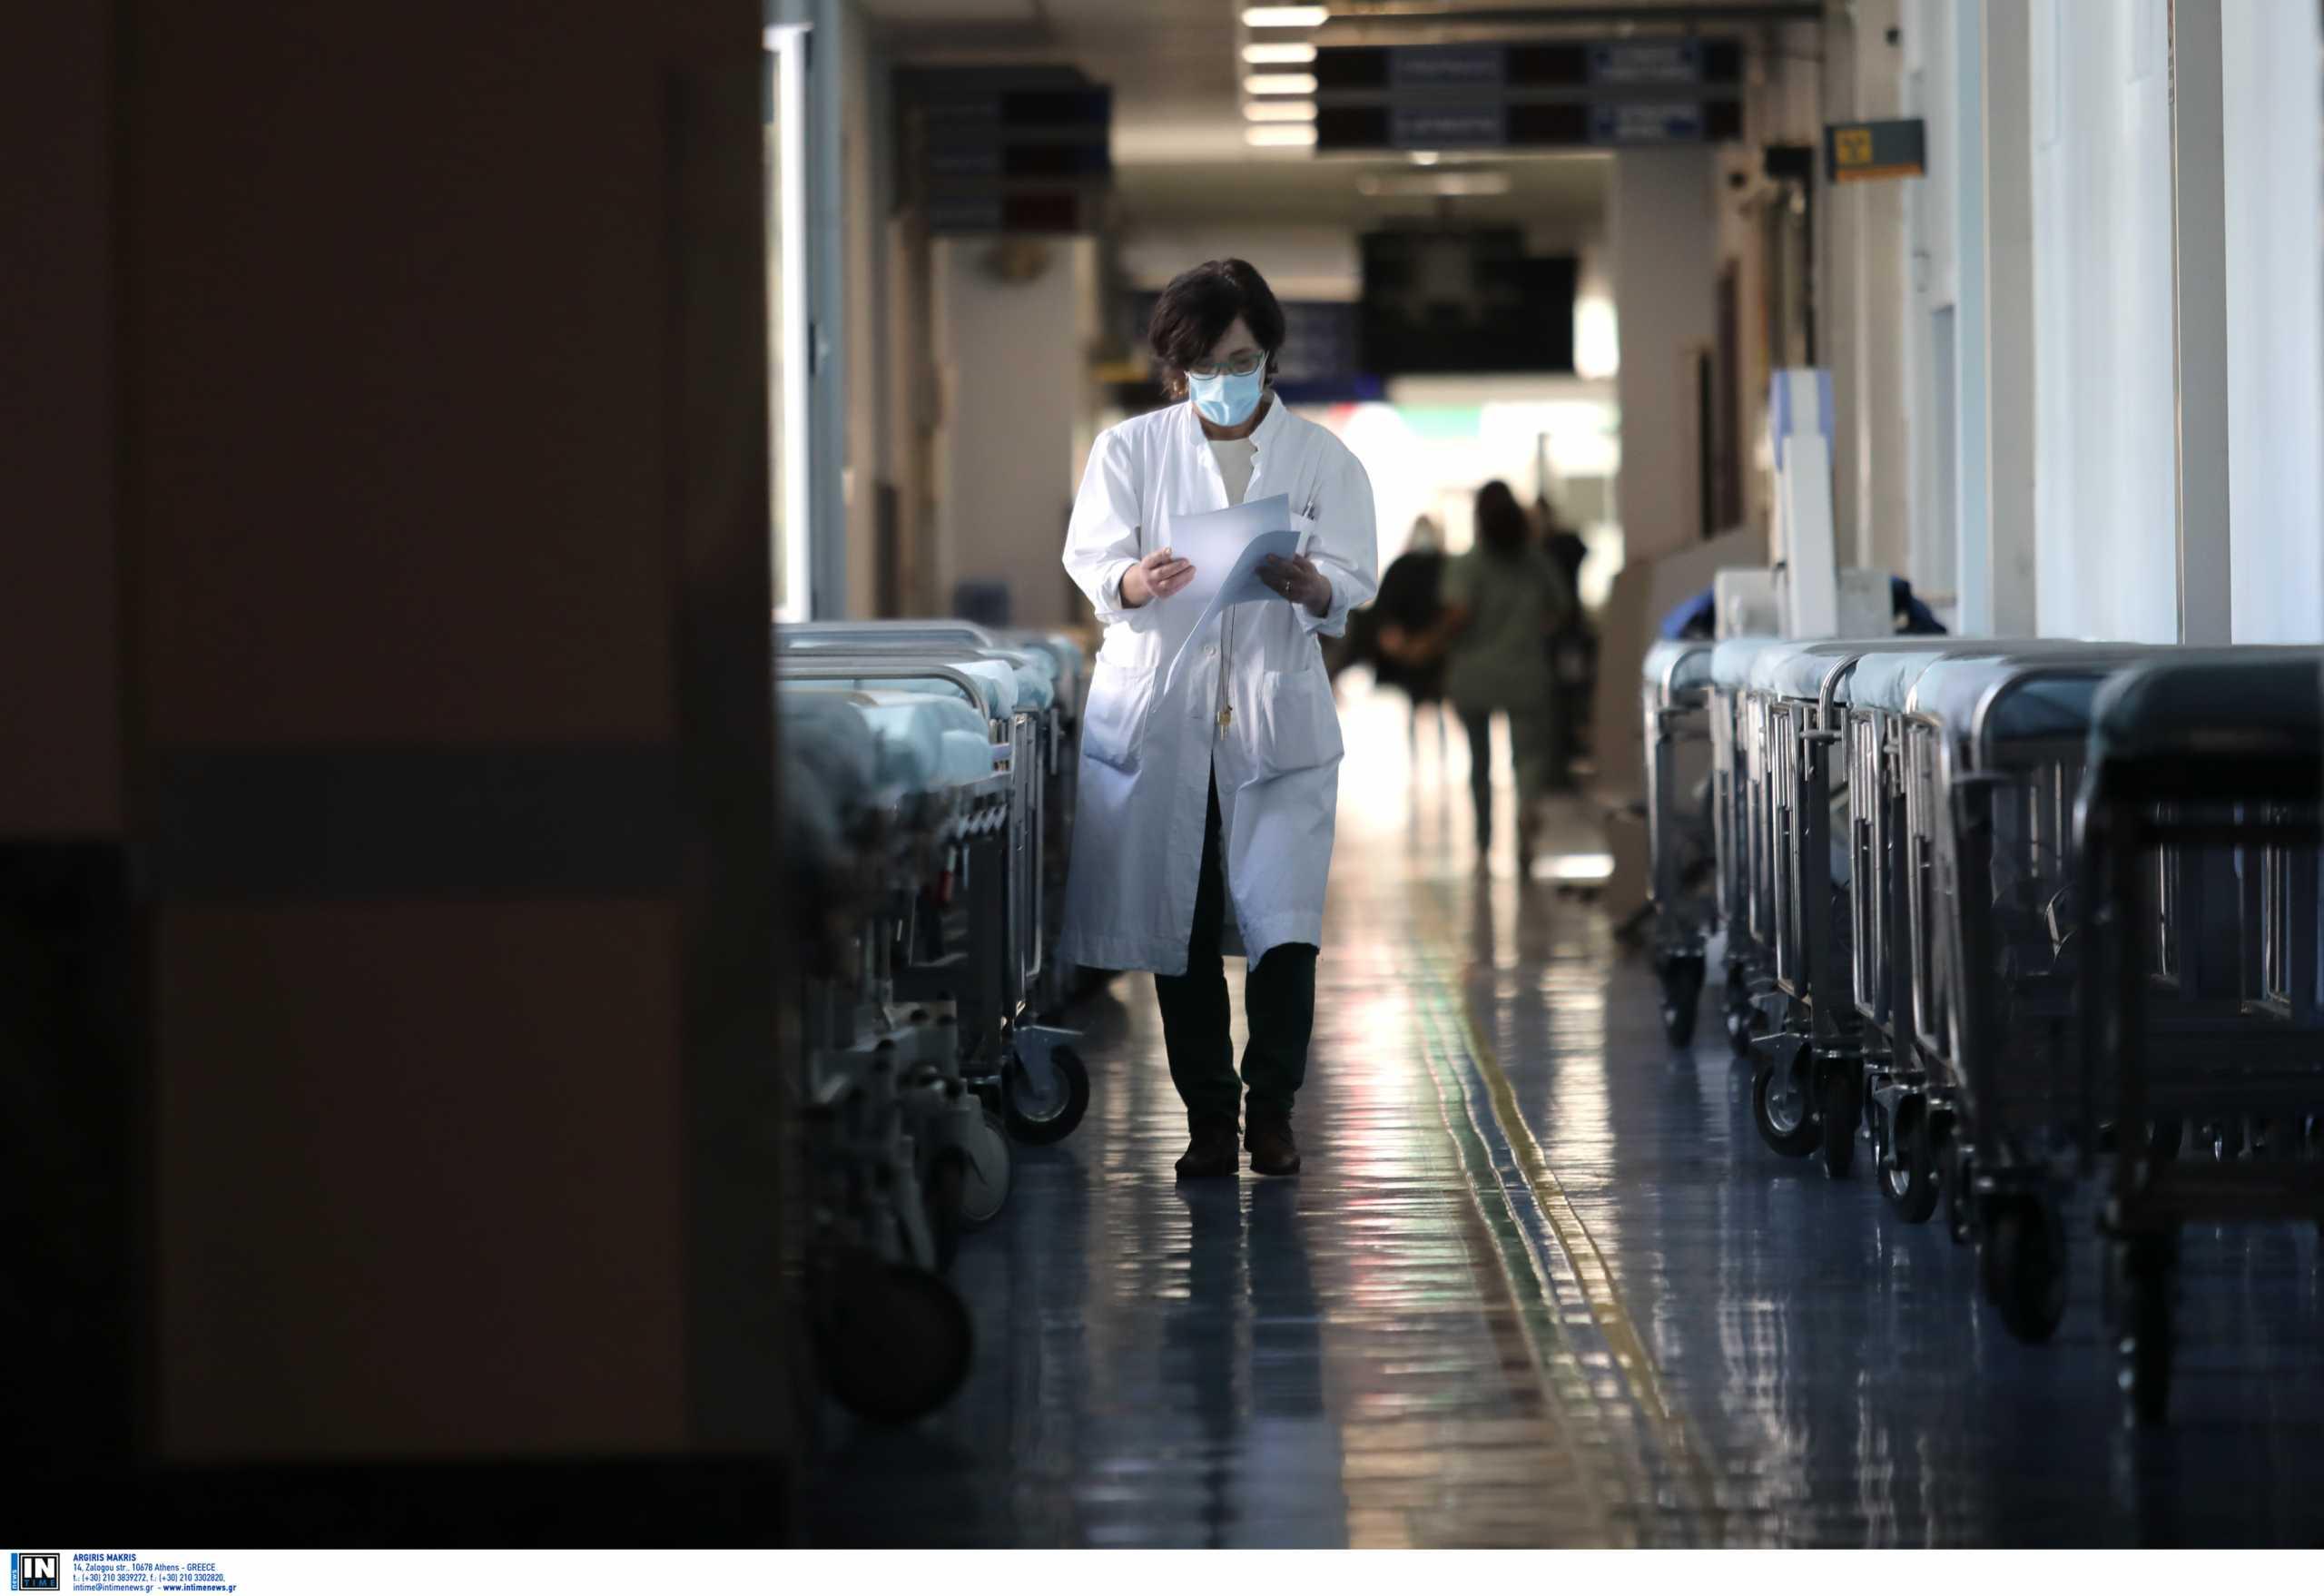 Κορονοϊός: Δραματικές προβλέψεις των ειδικών για τον επόμενο μήνα – Εκτοξεύονται νεκροί και διασωληνωμένοι